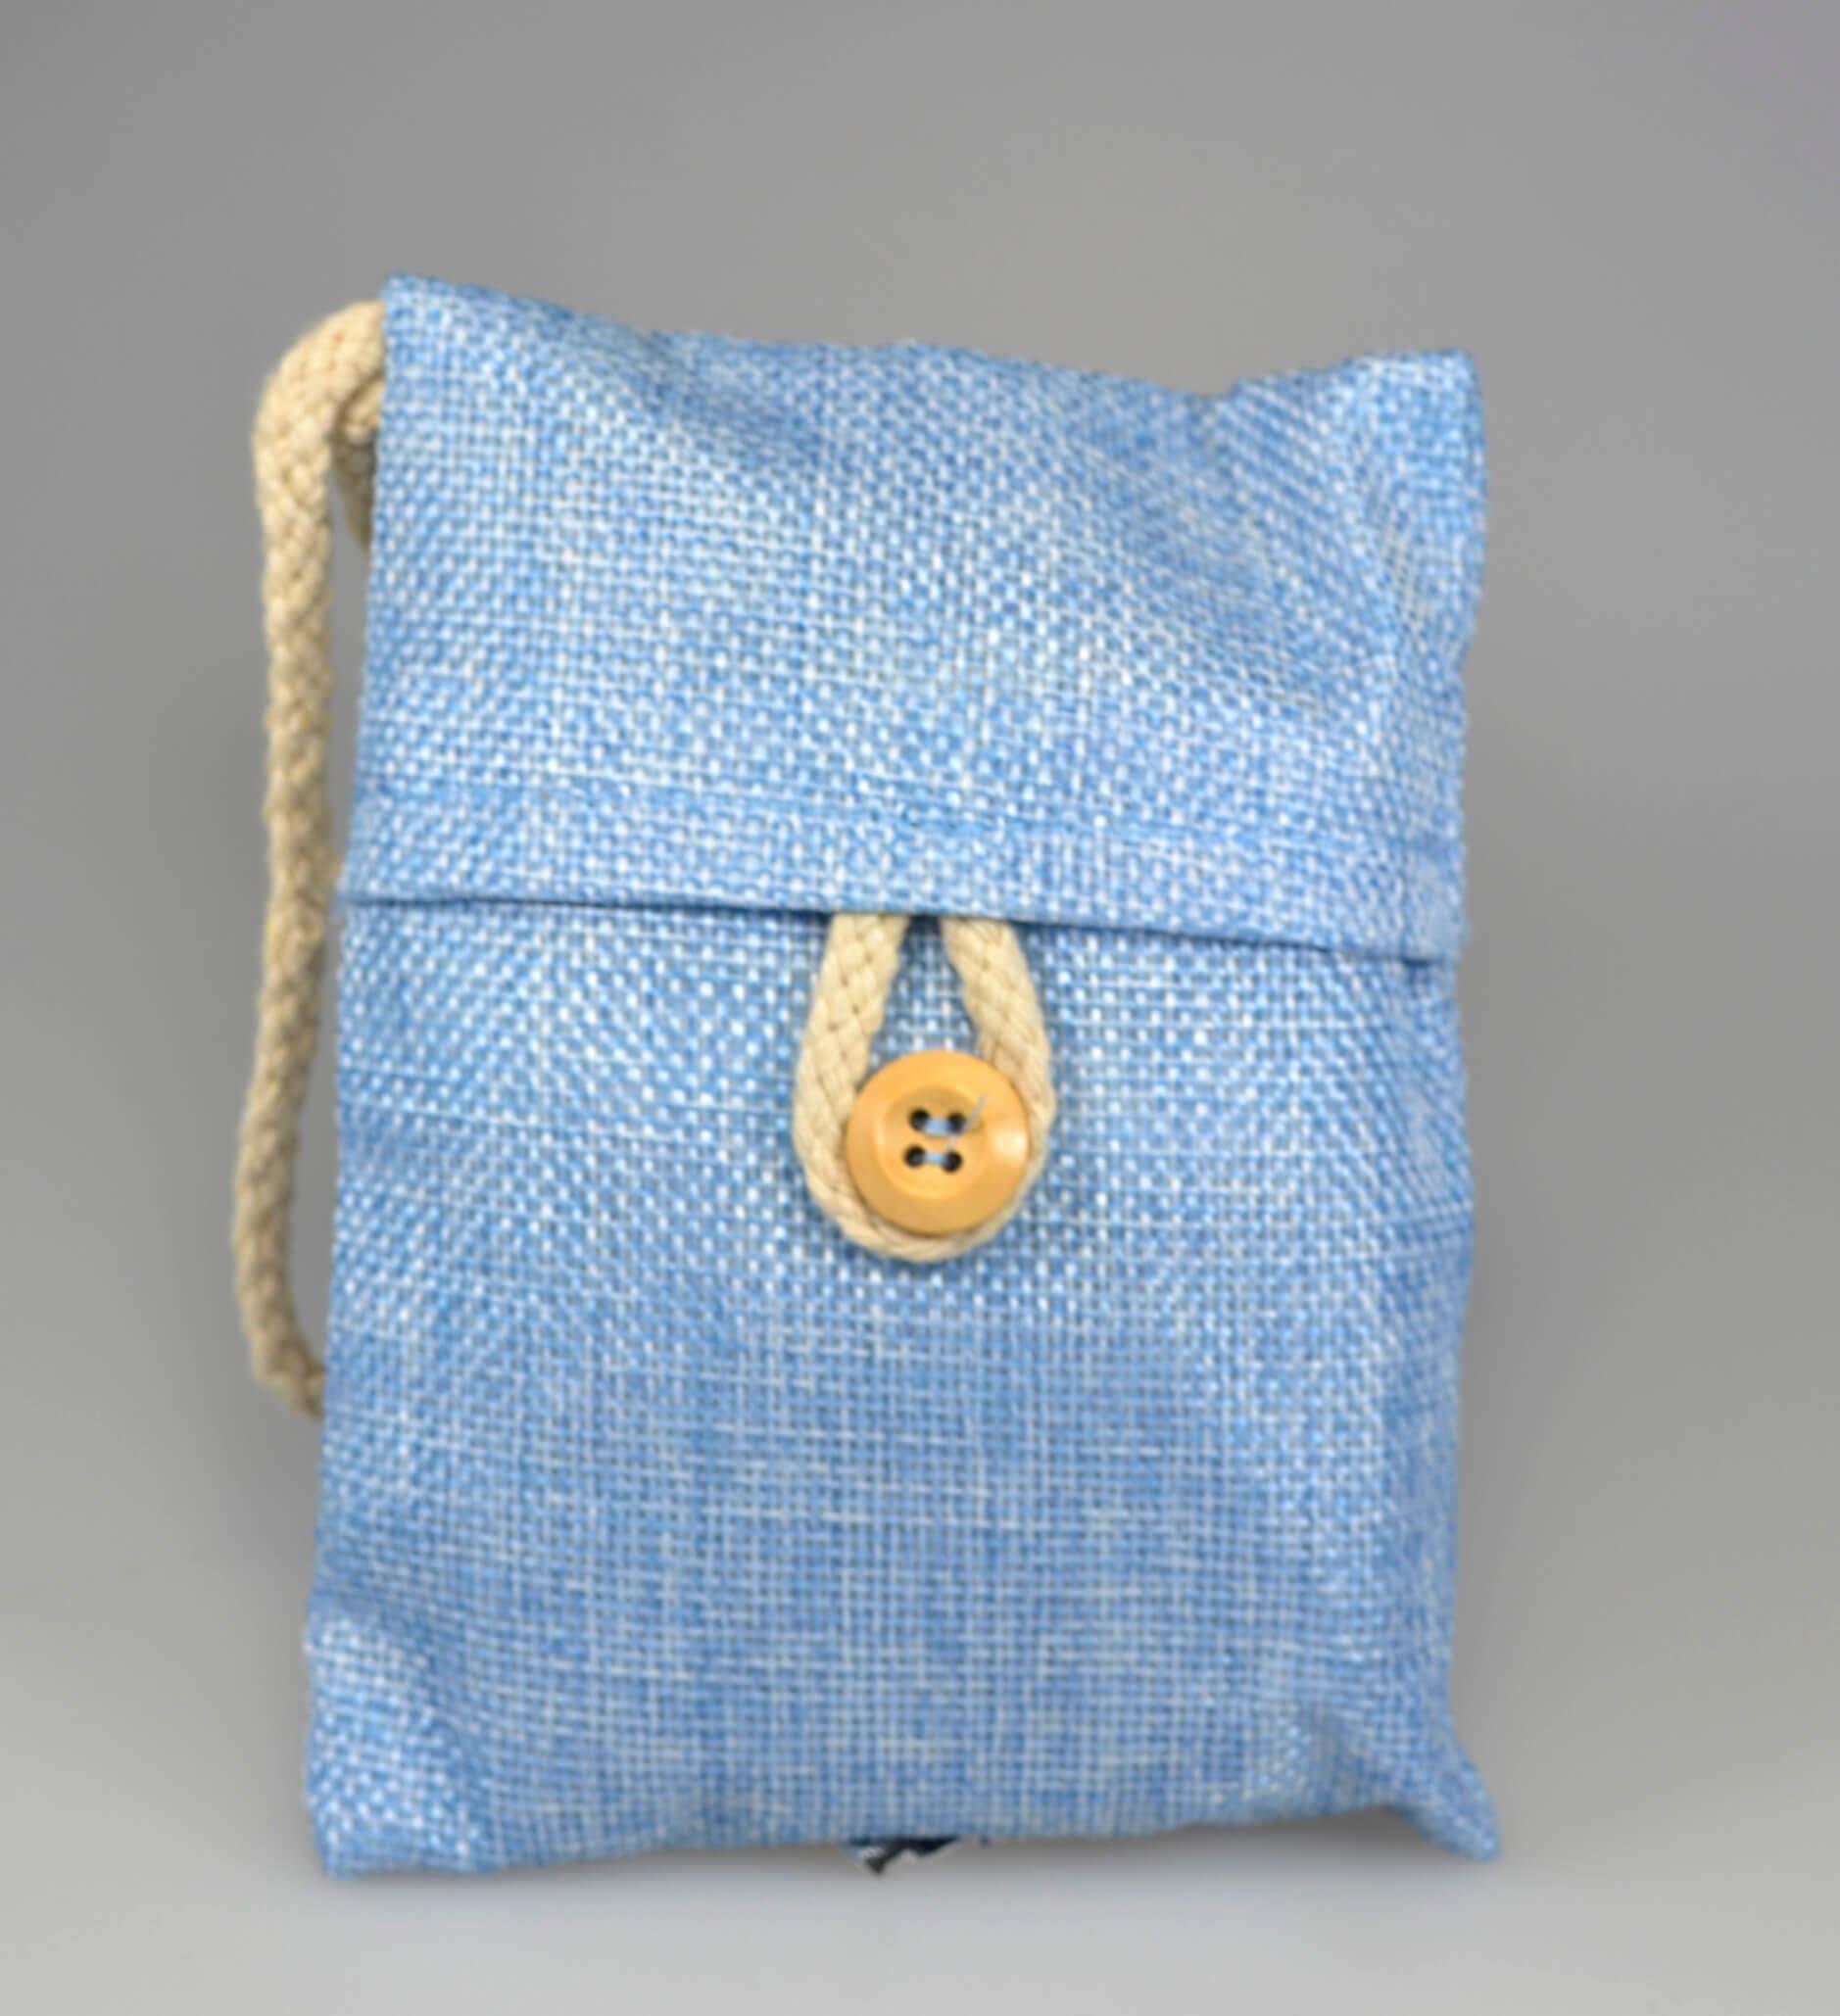 Sumi Pose med aktivt kul granulat fra japanske egetræ Himmelblå